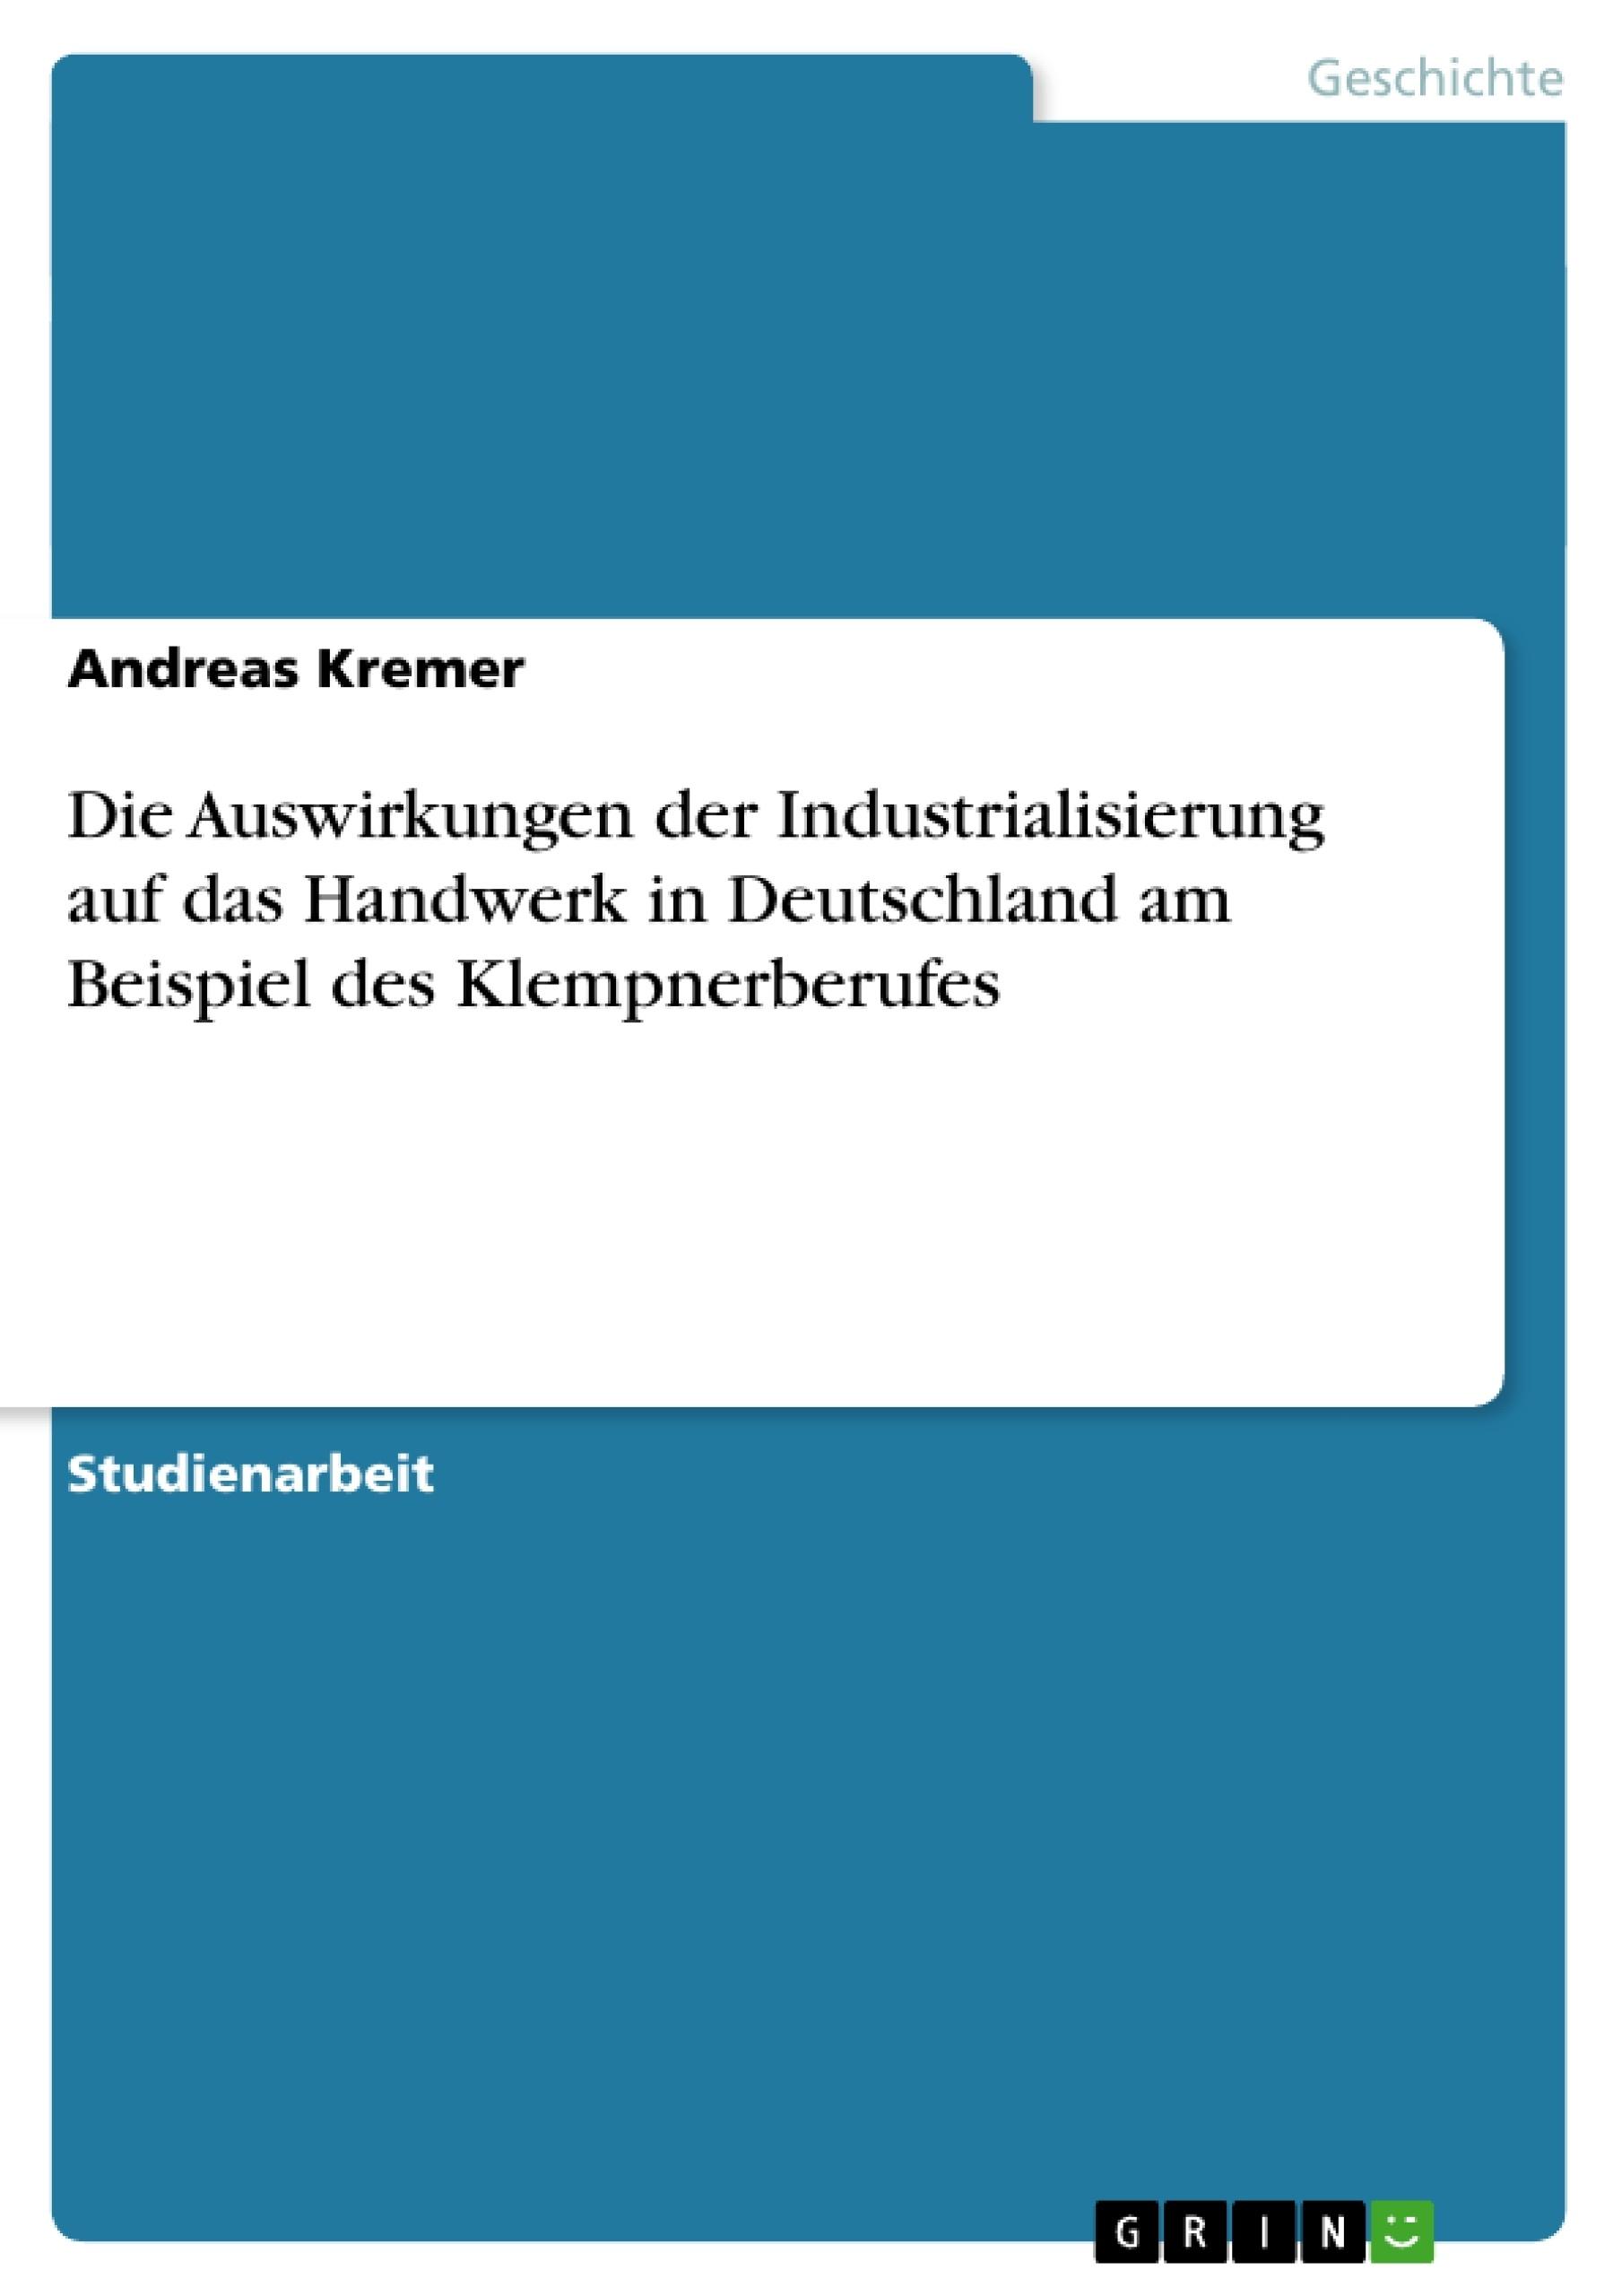 Titel: Die Auswirkungen der Industrialisierung auf das Handwerk in Deutschland am Beispiel des Klempnerberufes